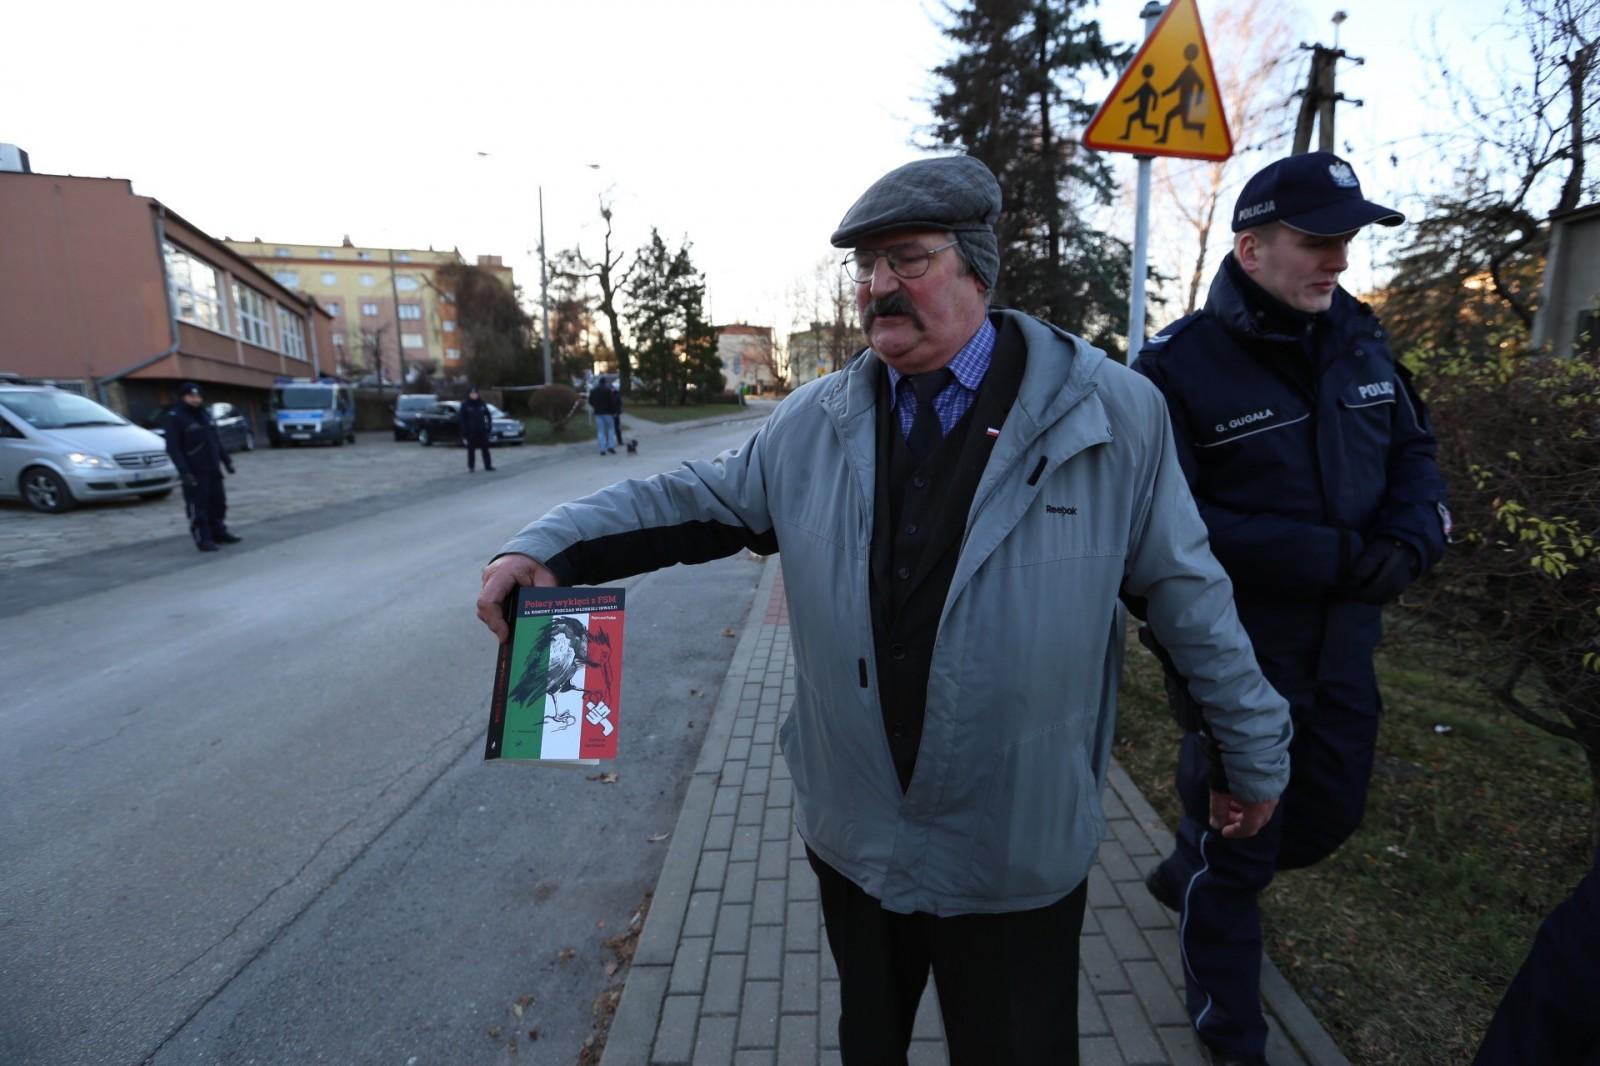 Interwencja Policji  zinicjatywy asystenta ministra Szweda. Pollak zatrzymany